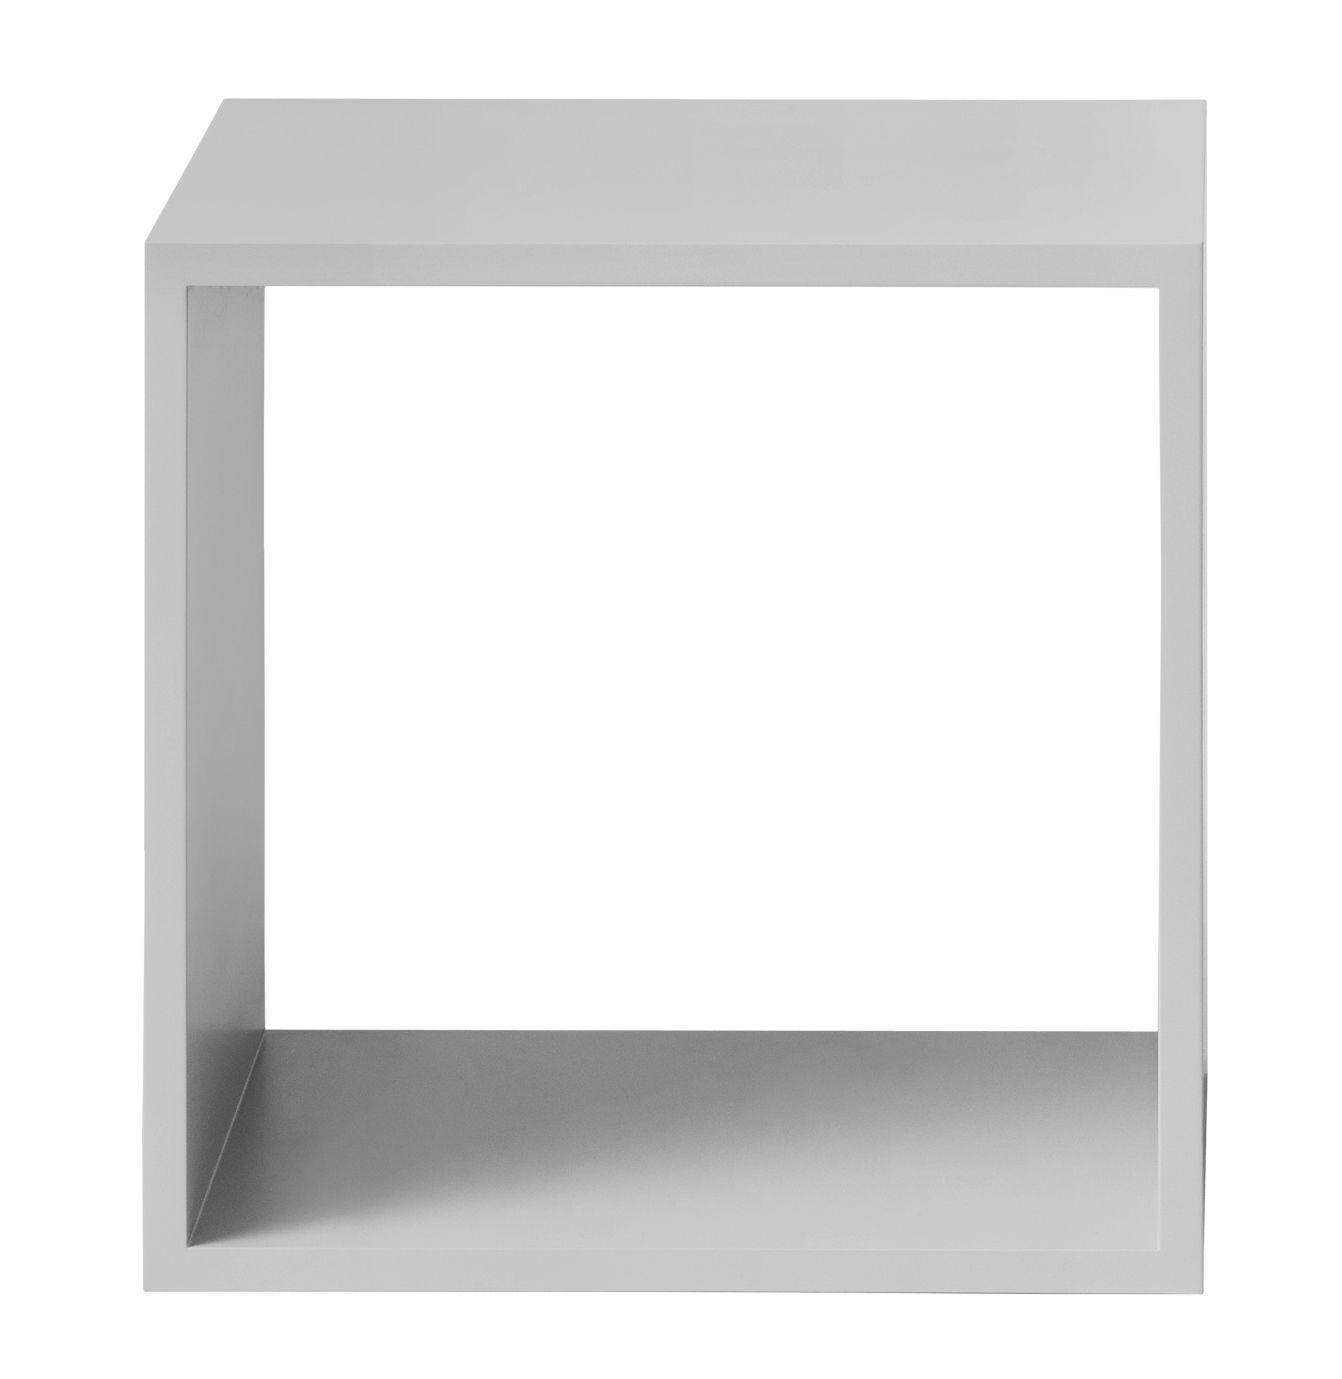 Mobilier - Etagères & bibliothèques - Etagère Stacked 2.0 / Medium carré 43x43 cm / Sans fond - Muuto - Gris clair - MDF peint